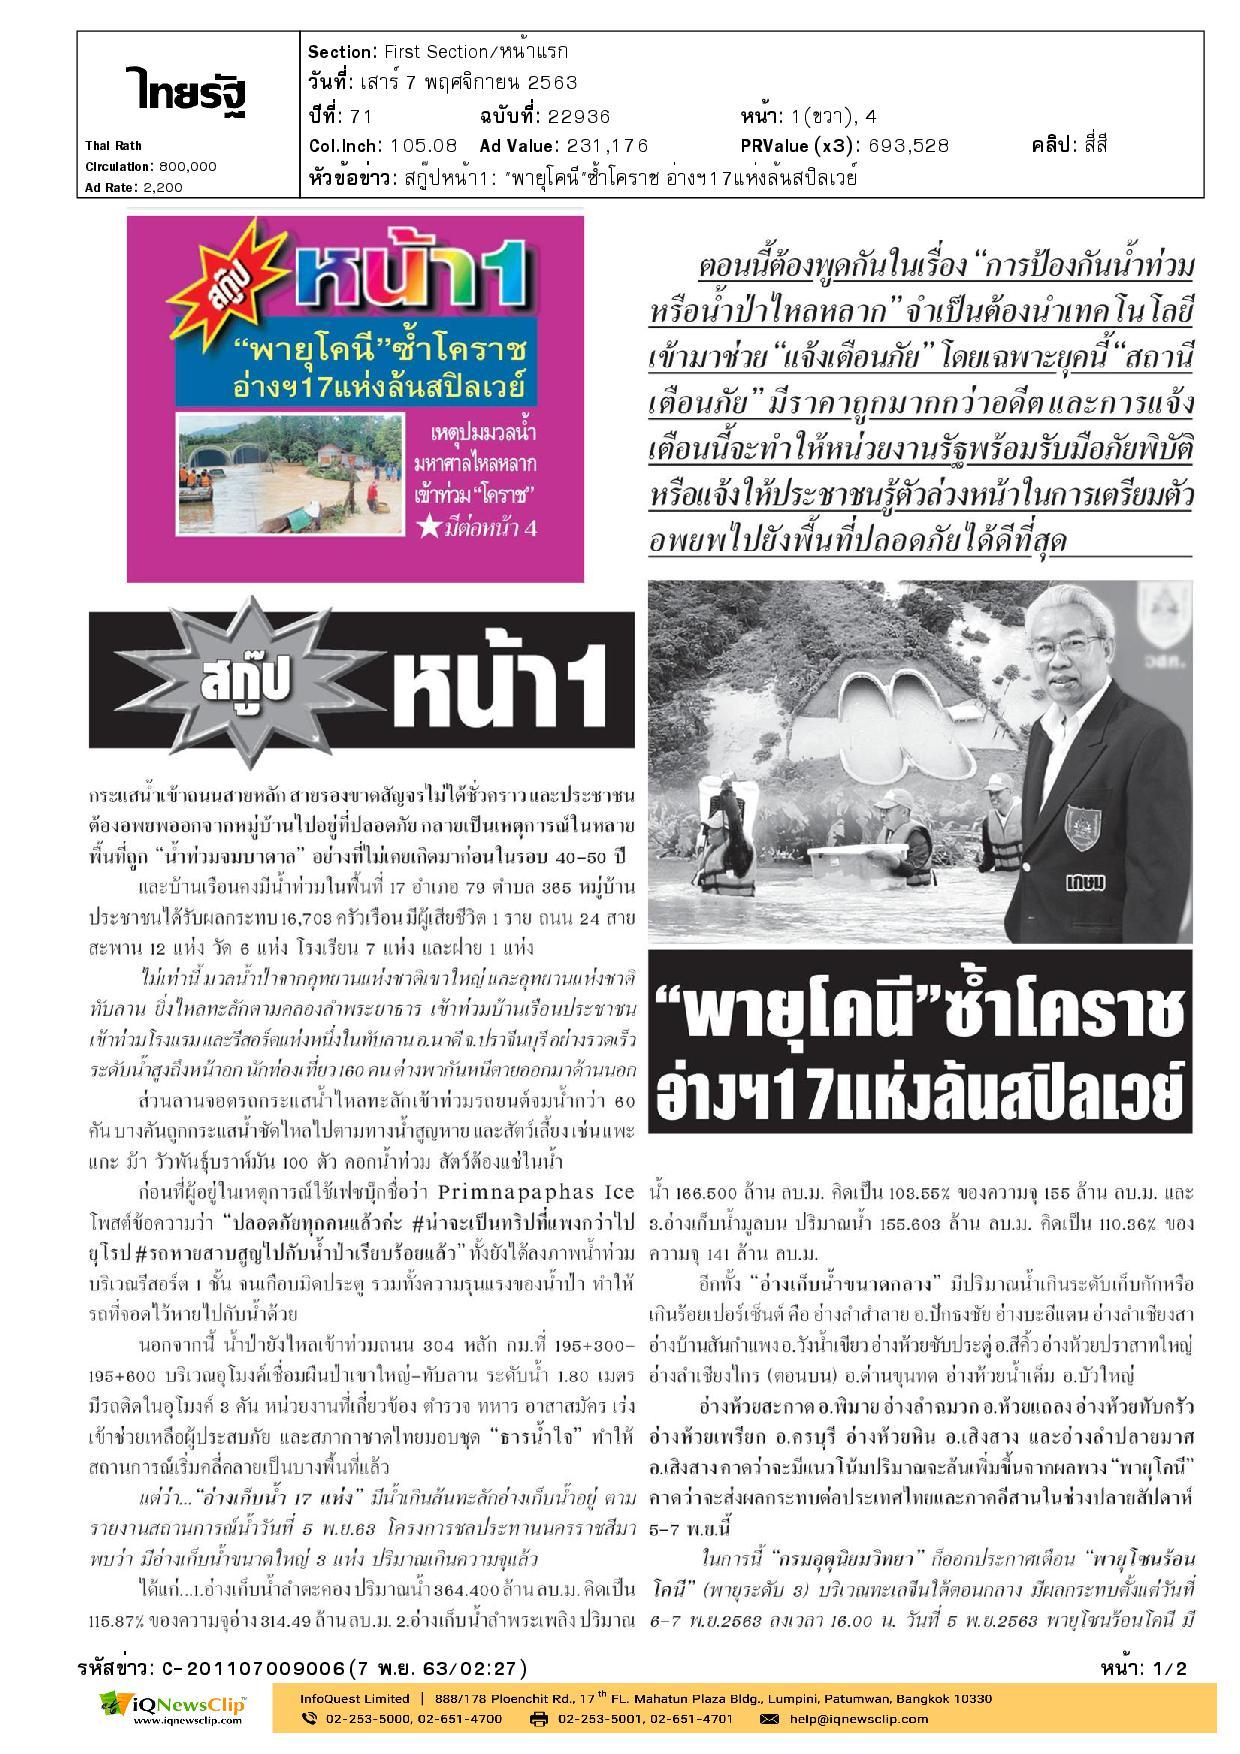 """สภากาชาดไทย ดำเนินการมอบชุด """"ธารน้ำใจ"""" ช่วยเหลือผู้ประสบอุทกภัย"""